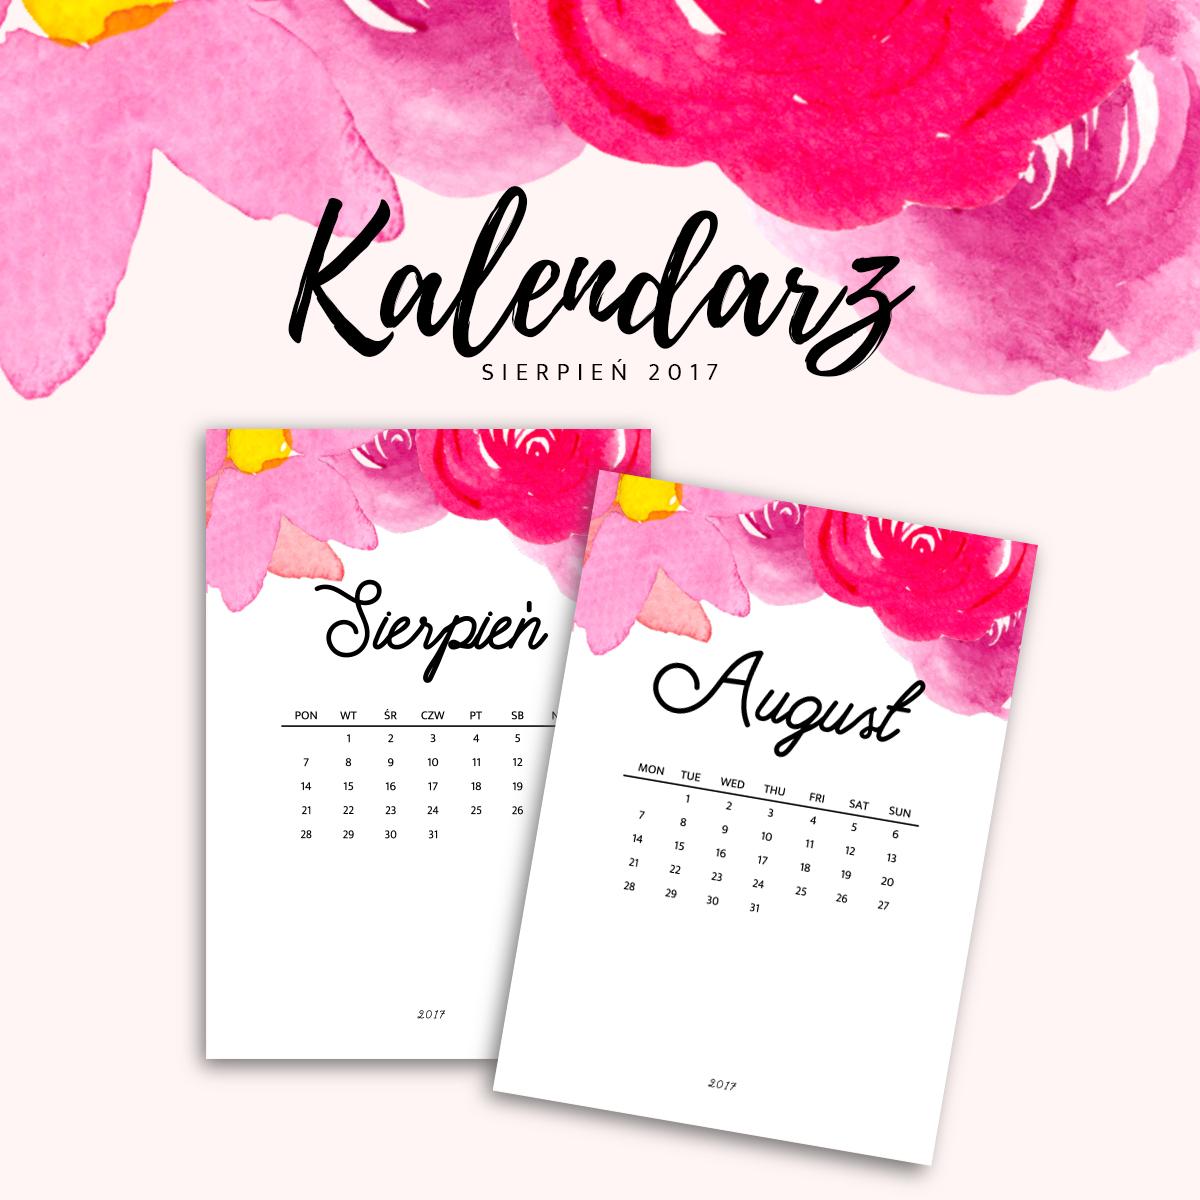 kalendarza do druku - sierpień 2017